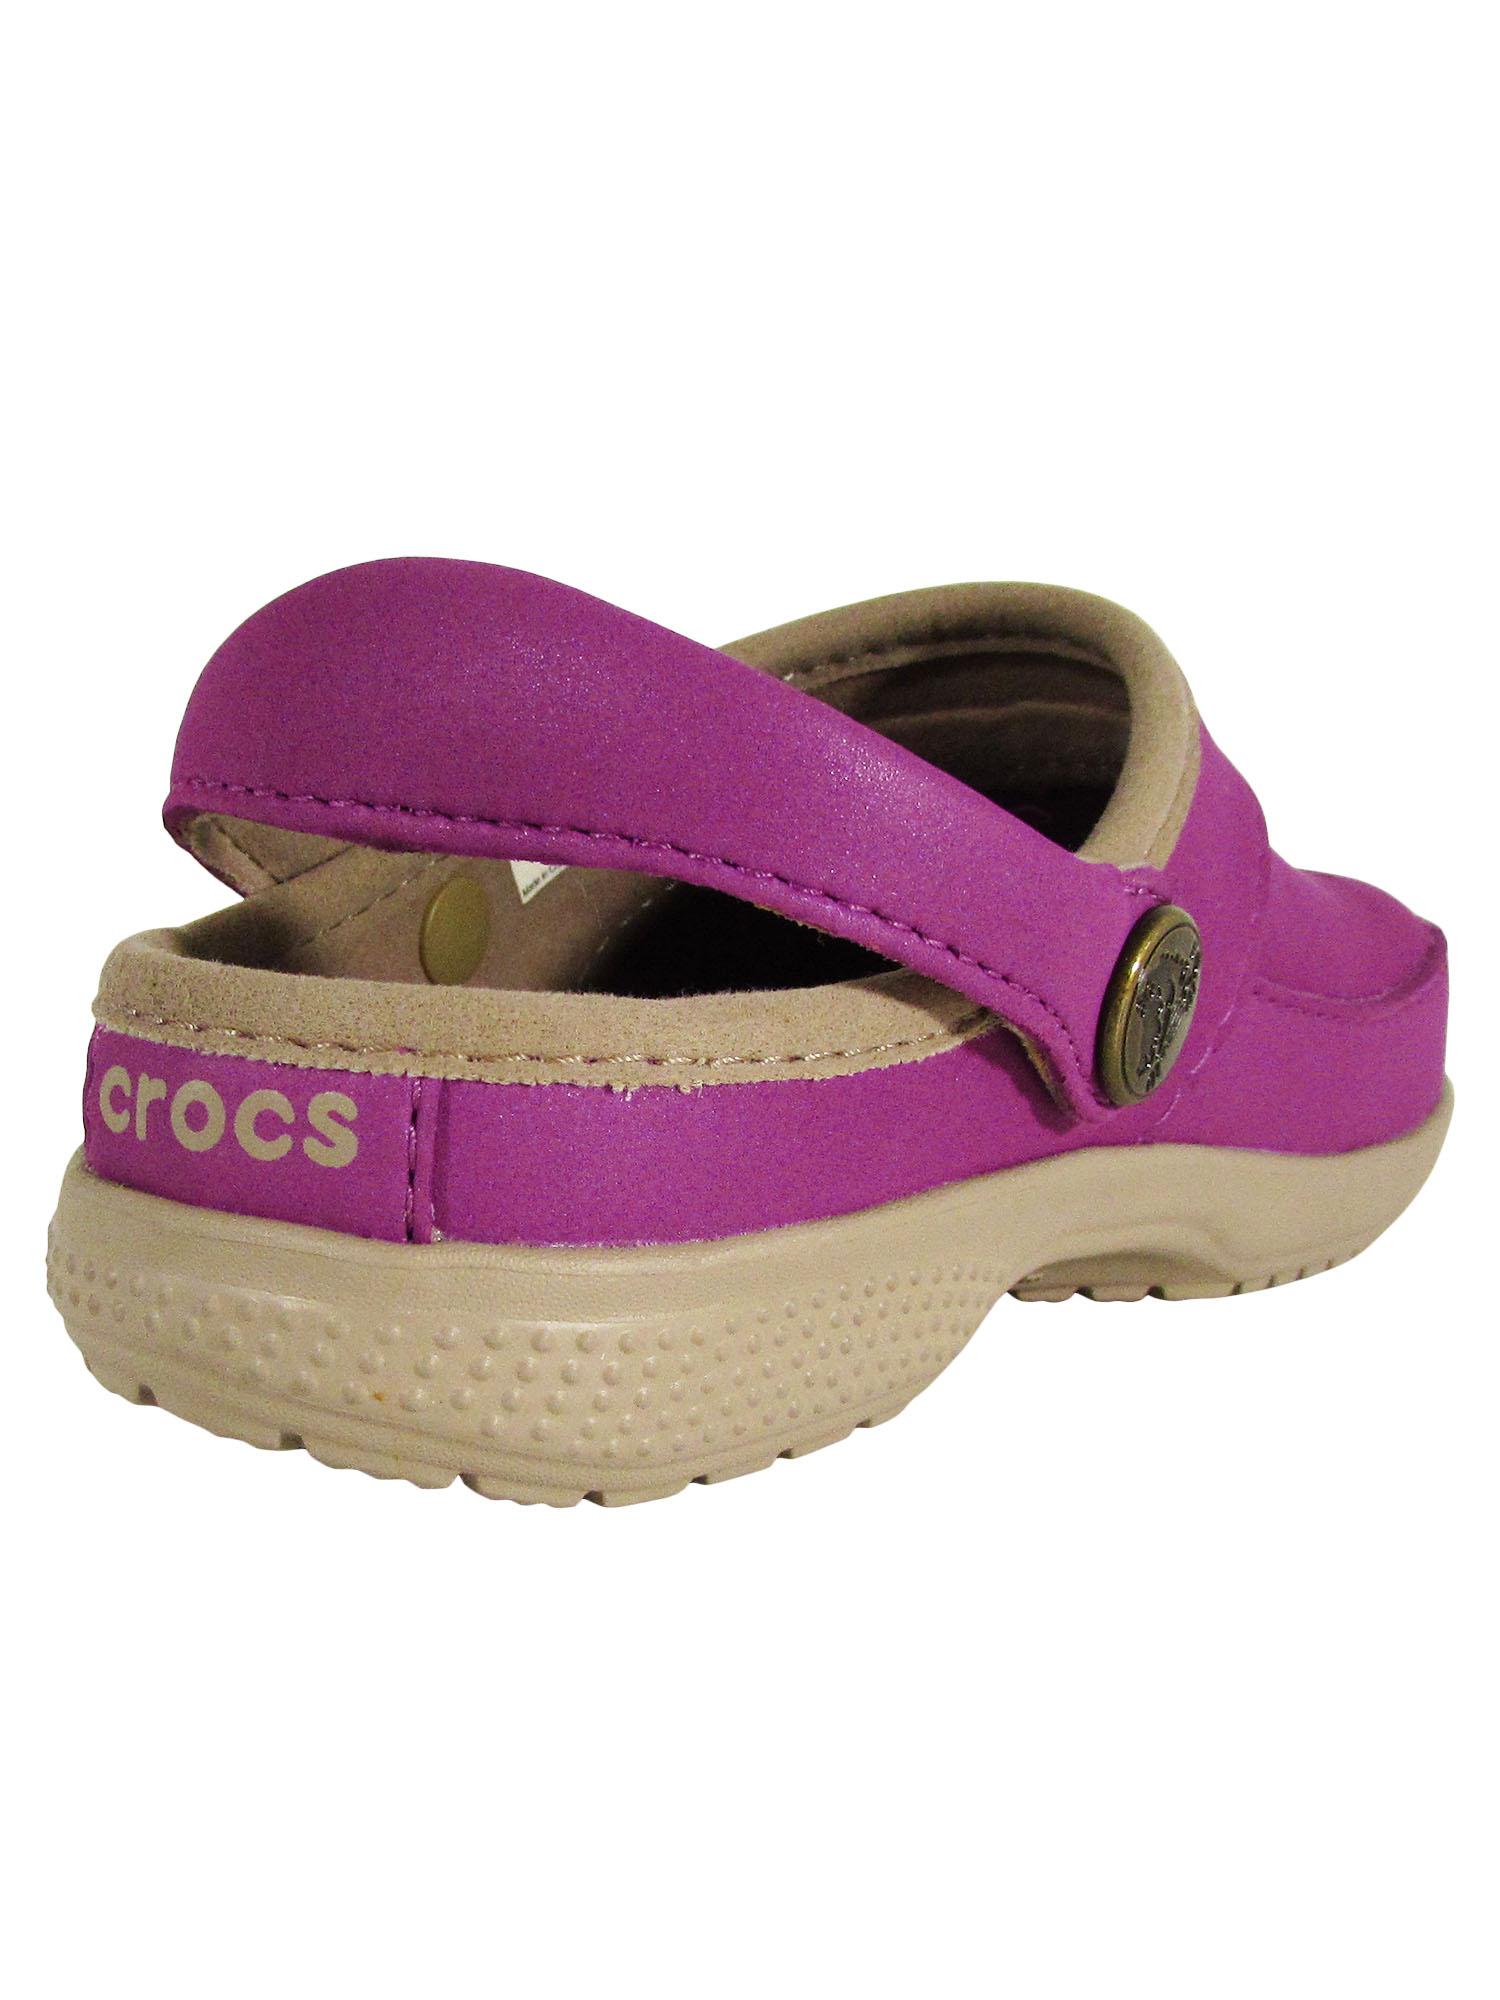 Crocs-Kids-ColorLite-Clog-Shoes thumbnail 7